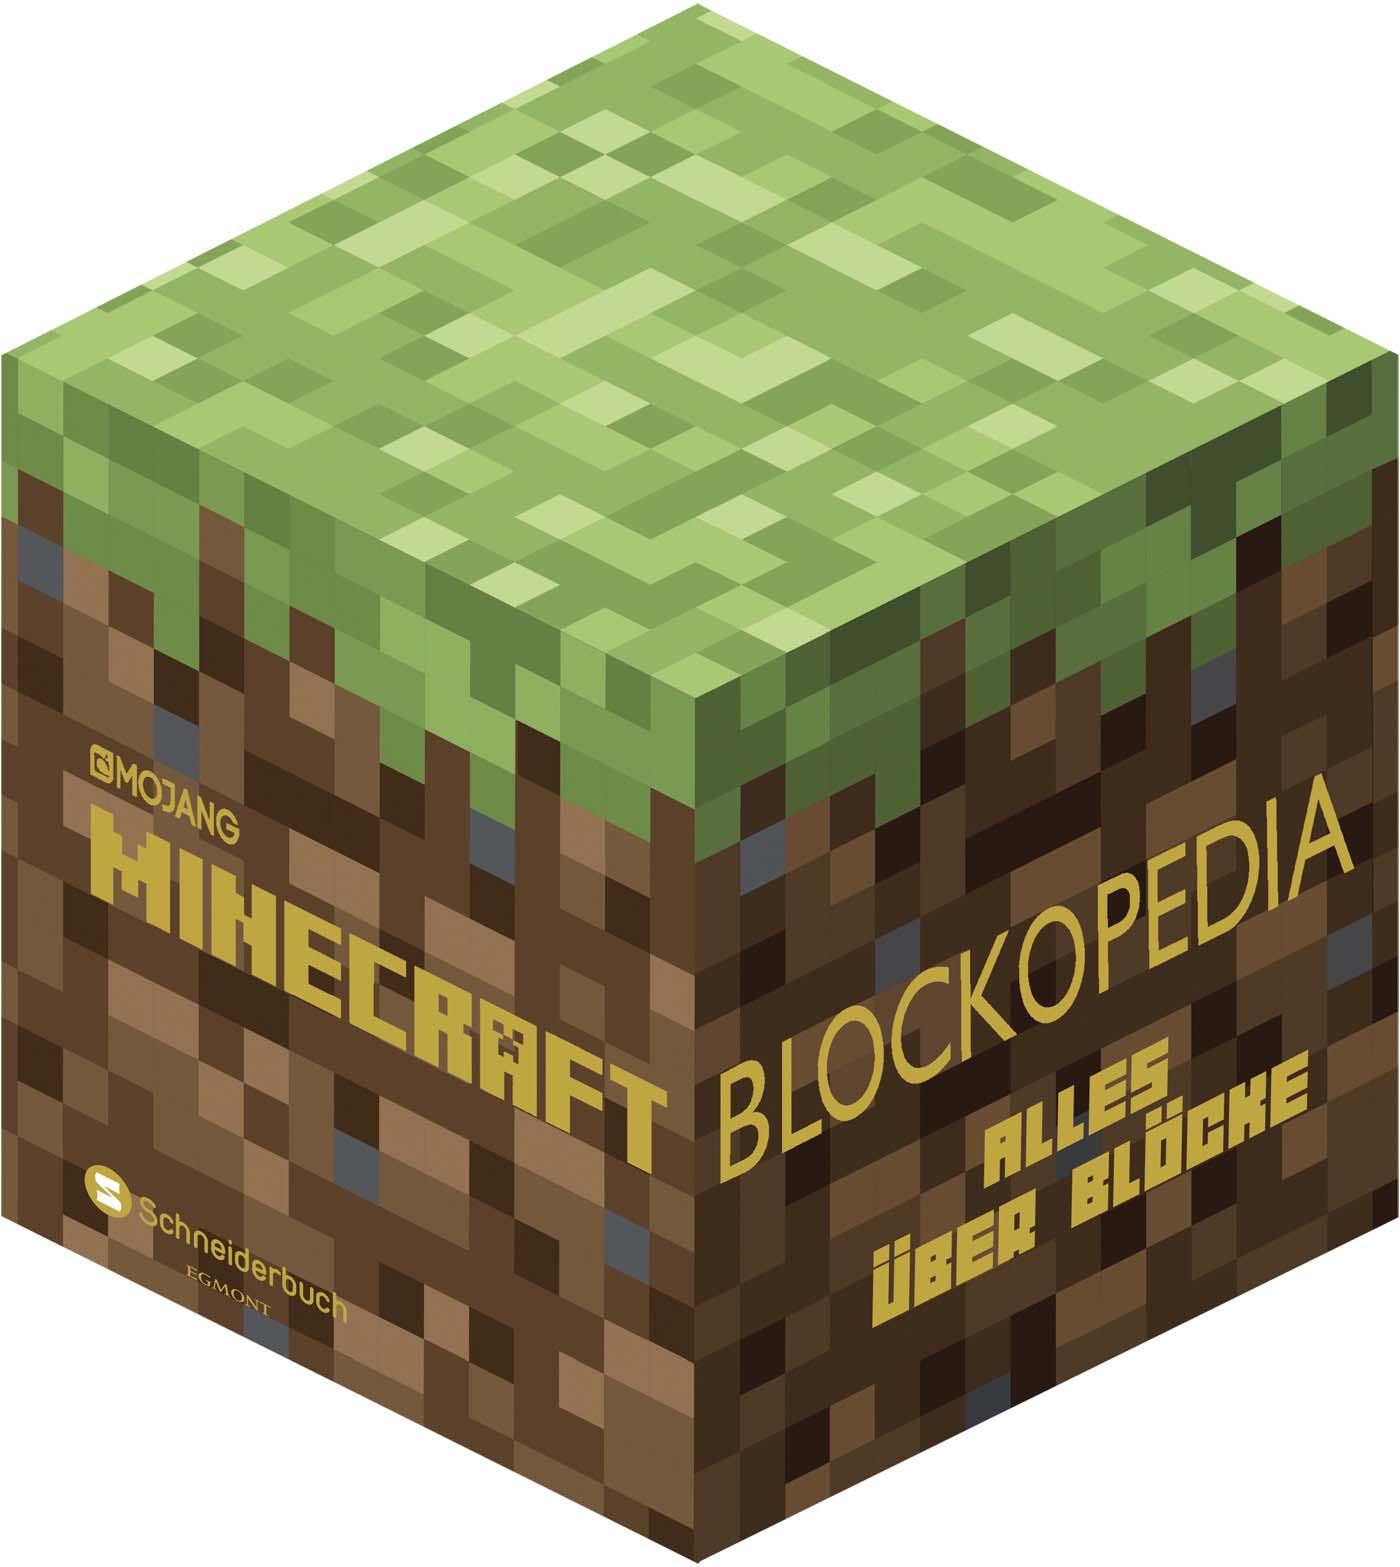 Minecraft: Blockopedia - Alles über Blöcke - Josef Shanel [Gebundene Ausgabe]